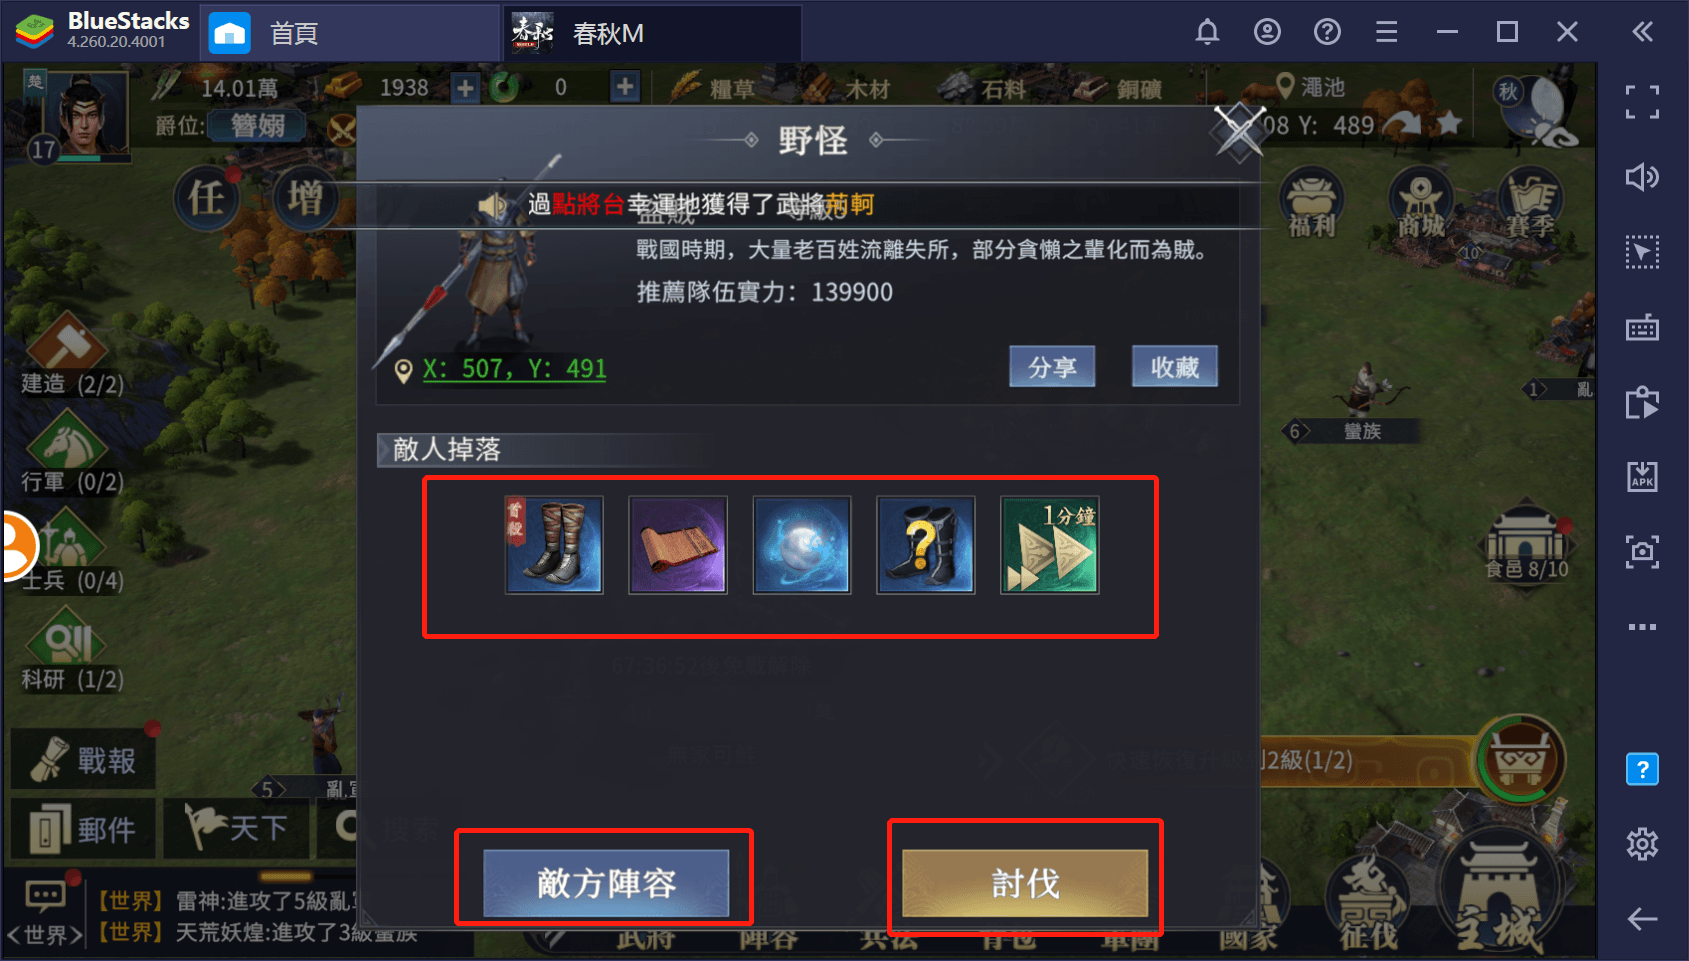 如何用BlueStacks在PC上玩春秋戰國SLG手機遊戲《春秋M》